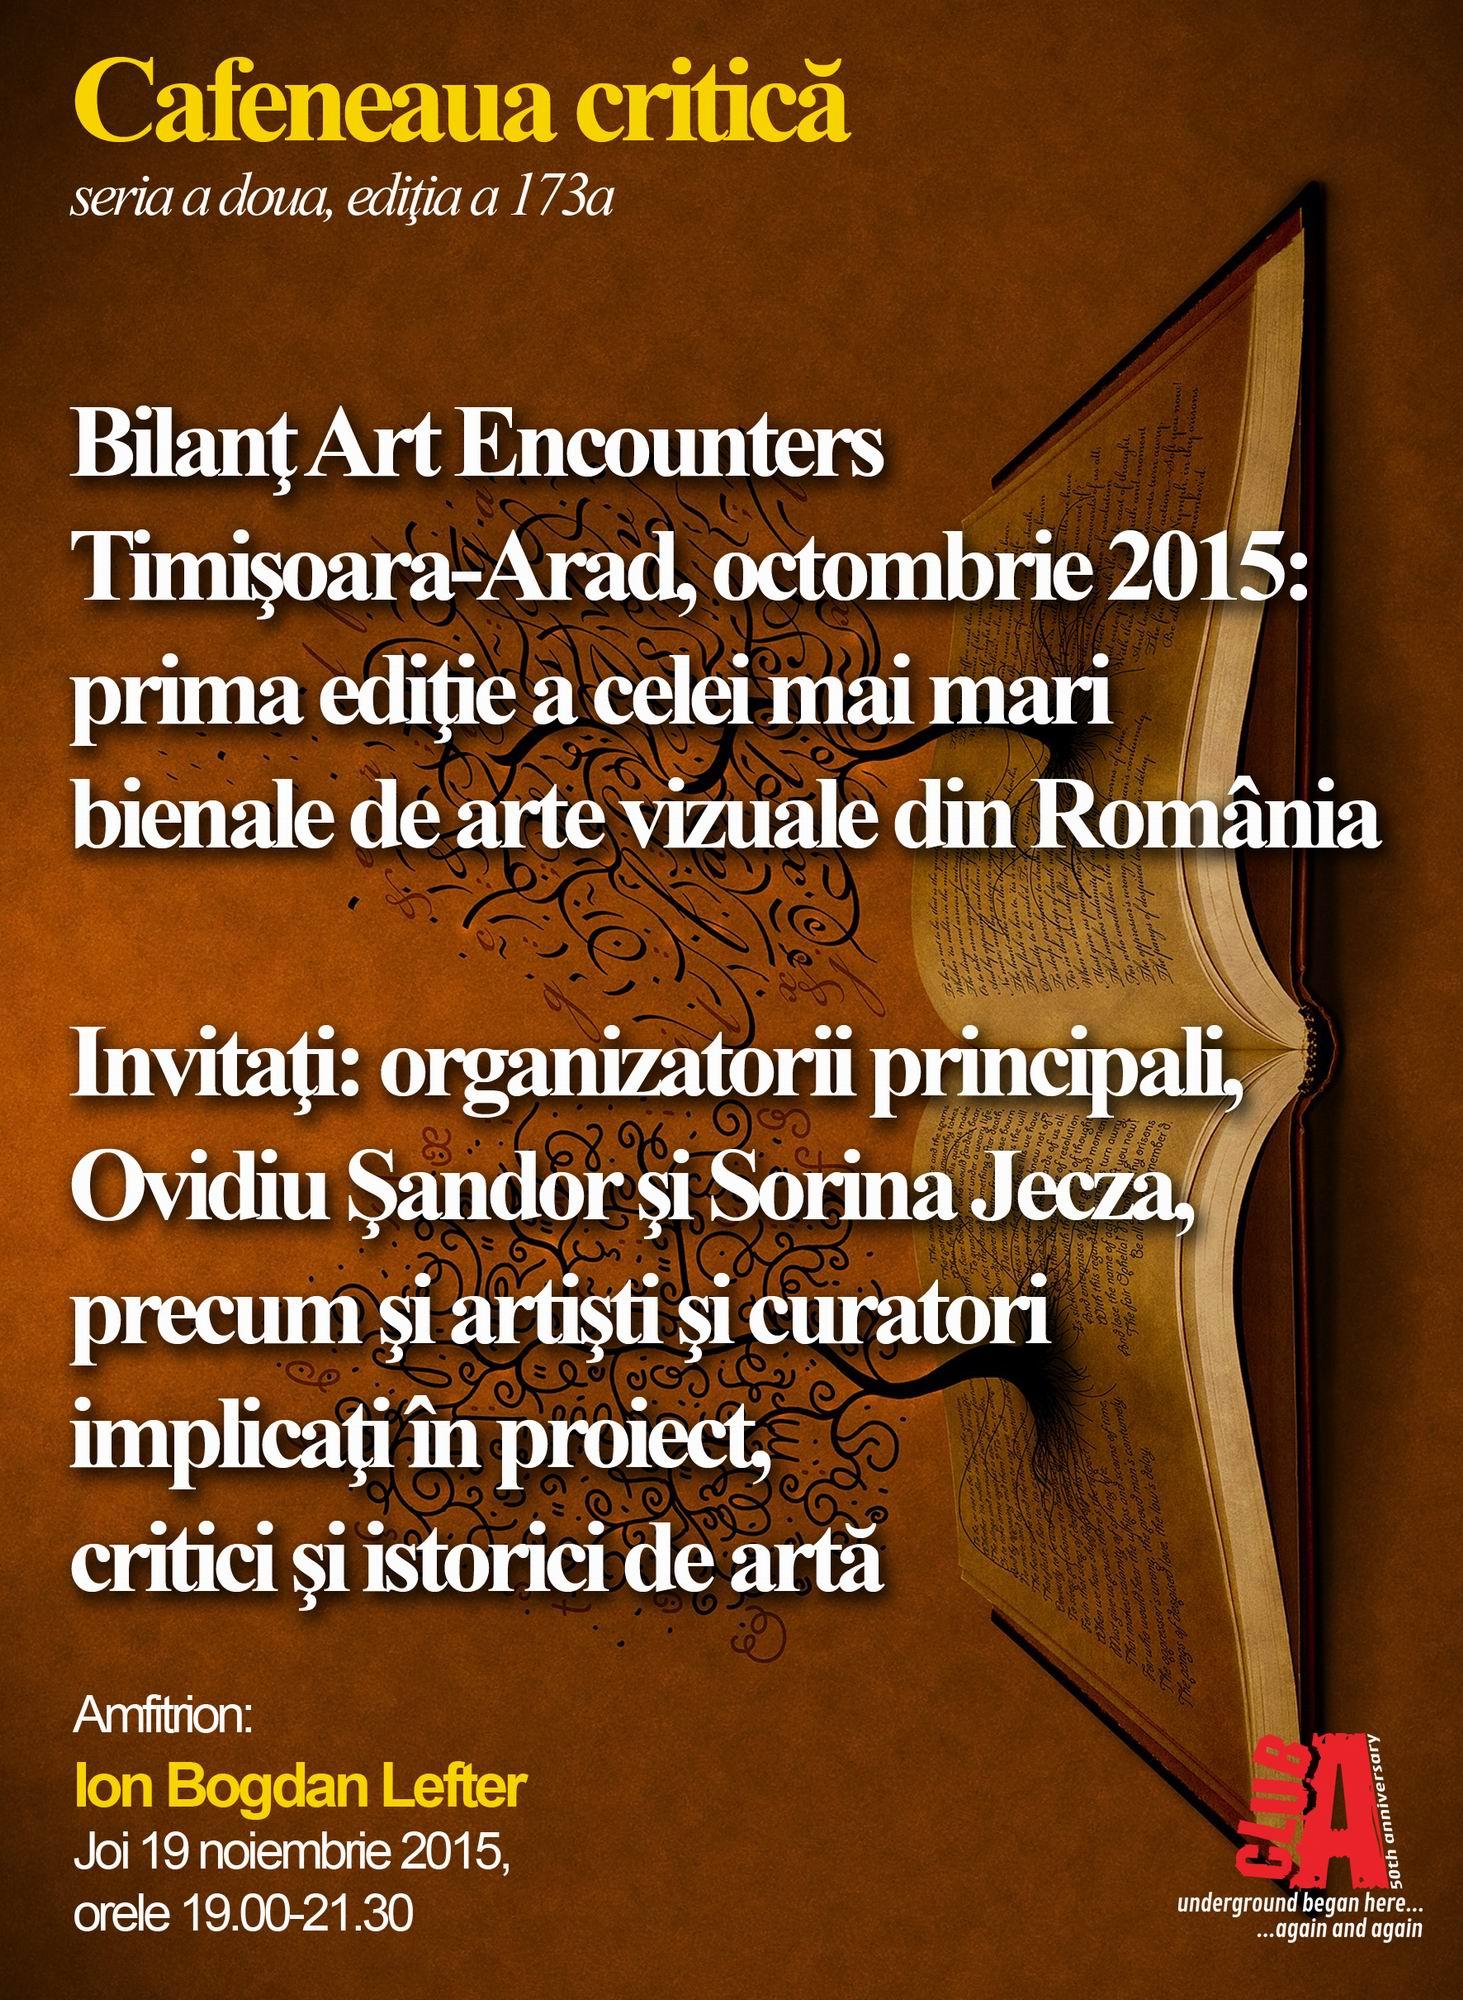 Resize of Cafeneaua critica 173 Art Encounters Timisoara-Arad AFIS